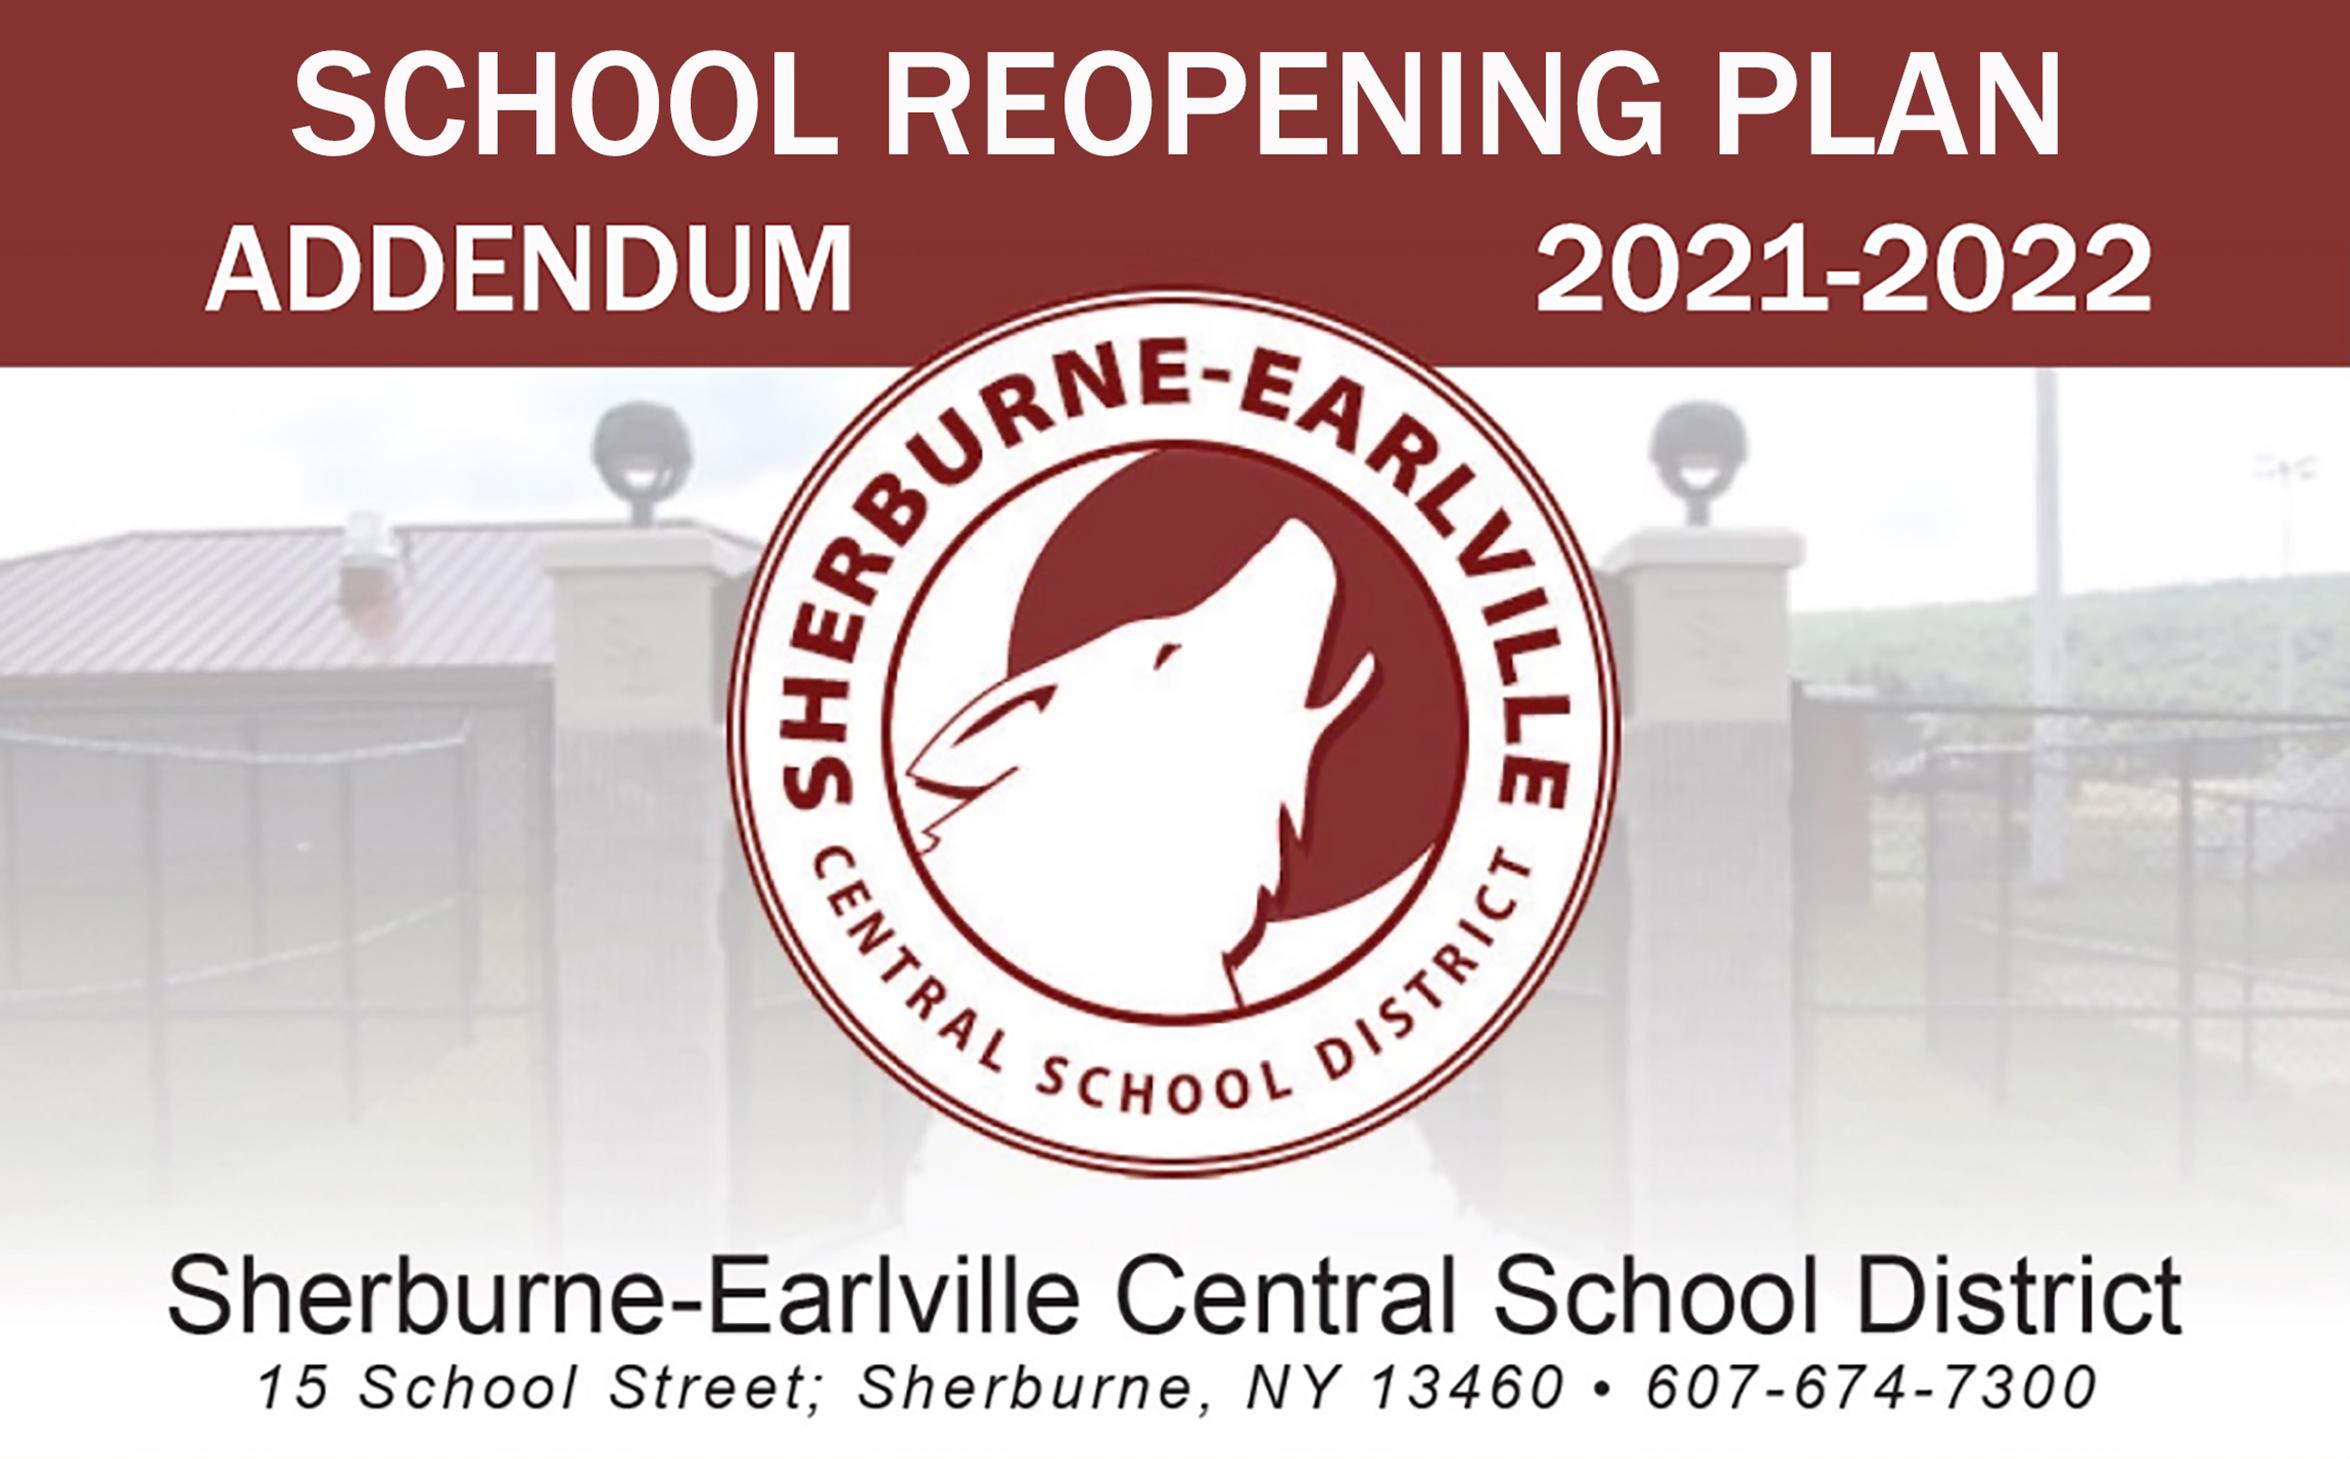 SECSD Reopening Plan Addendum illustration (9/2021)